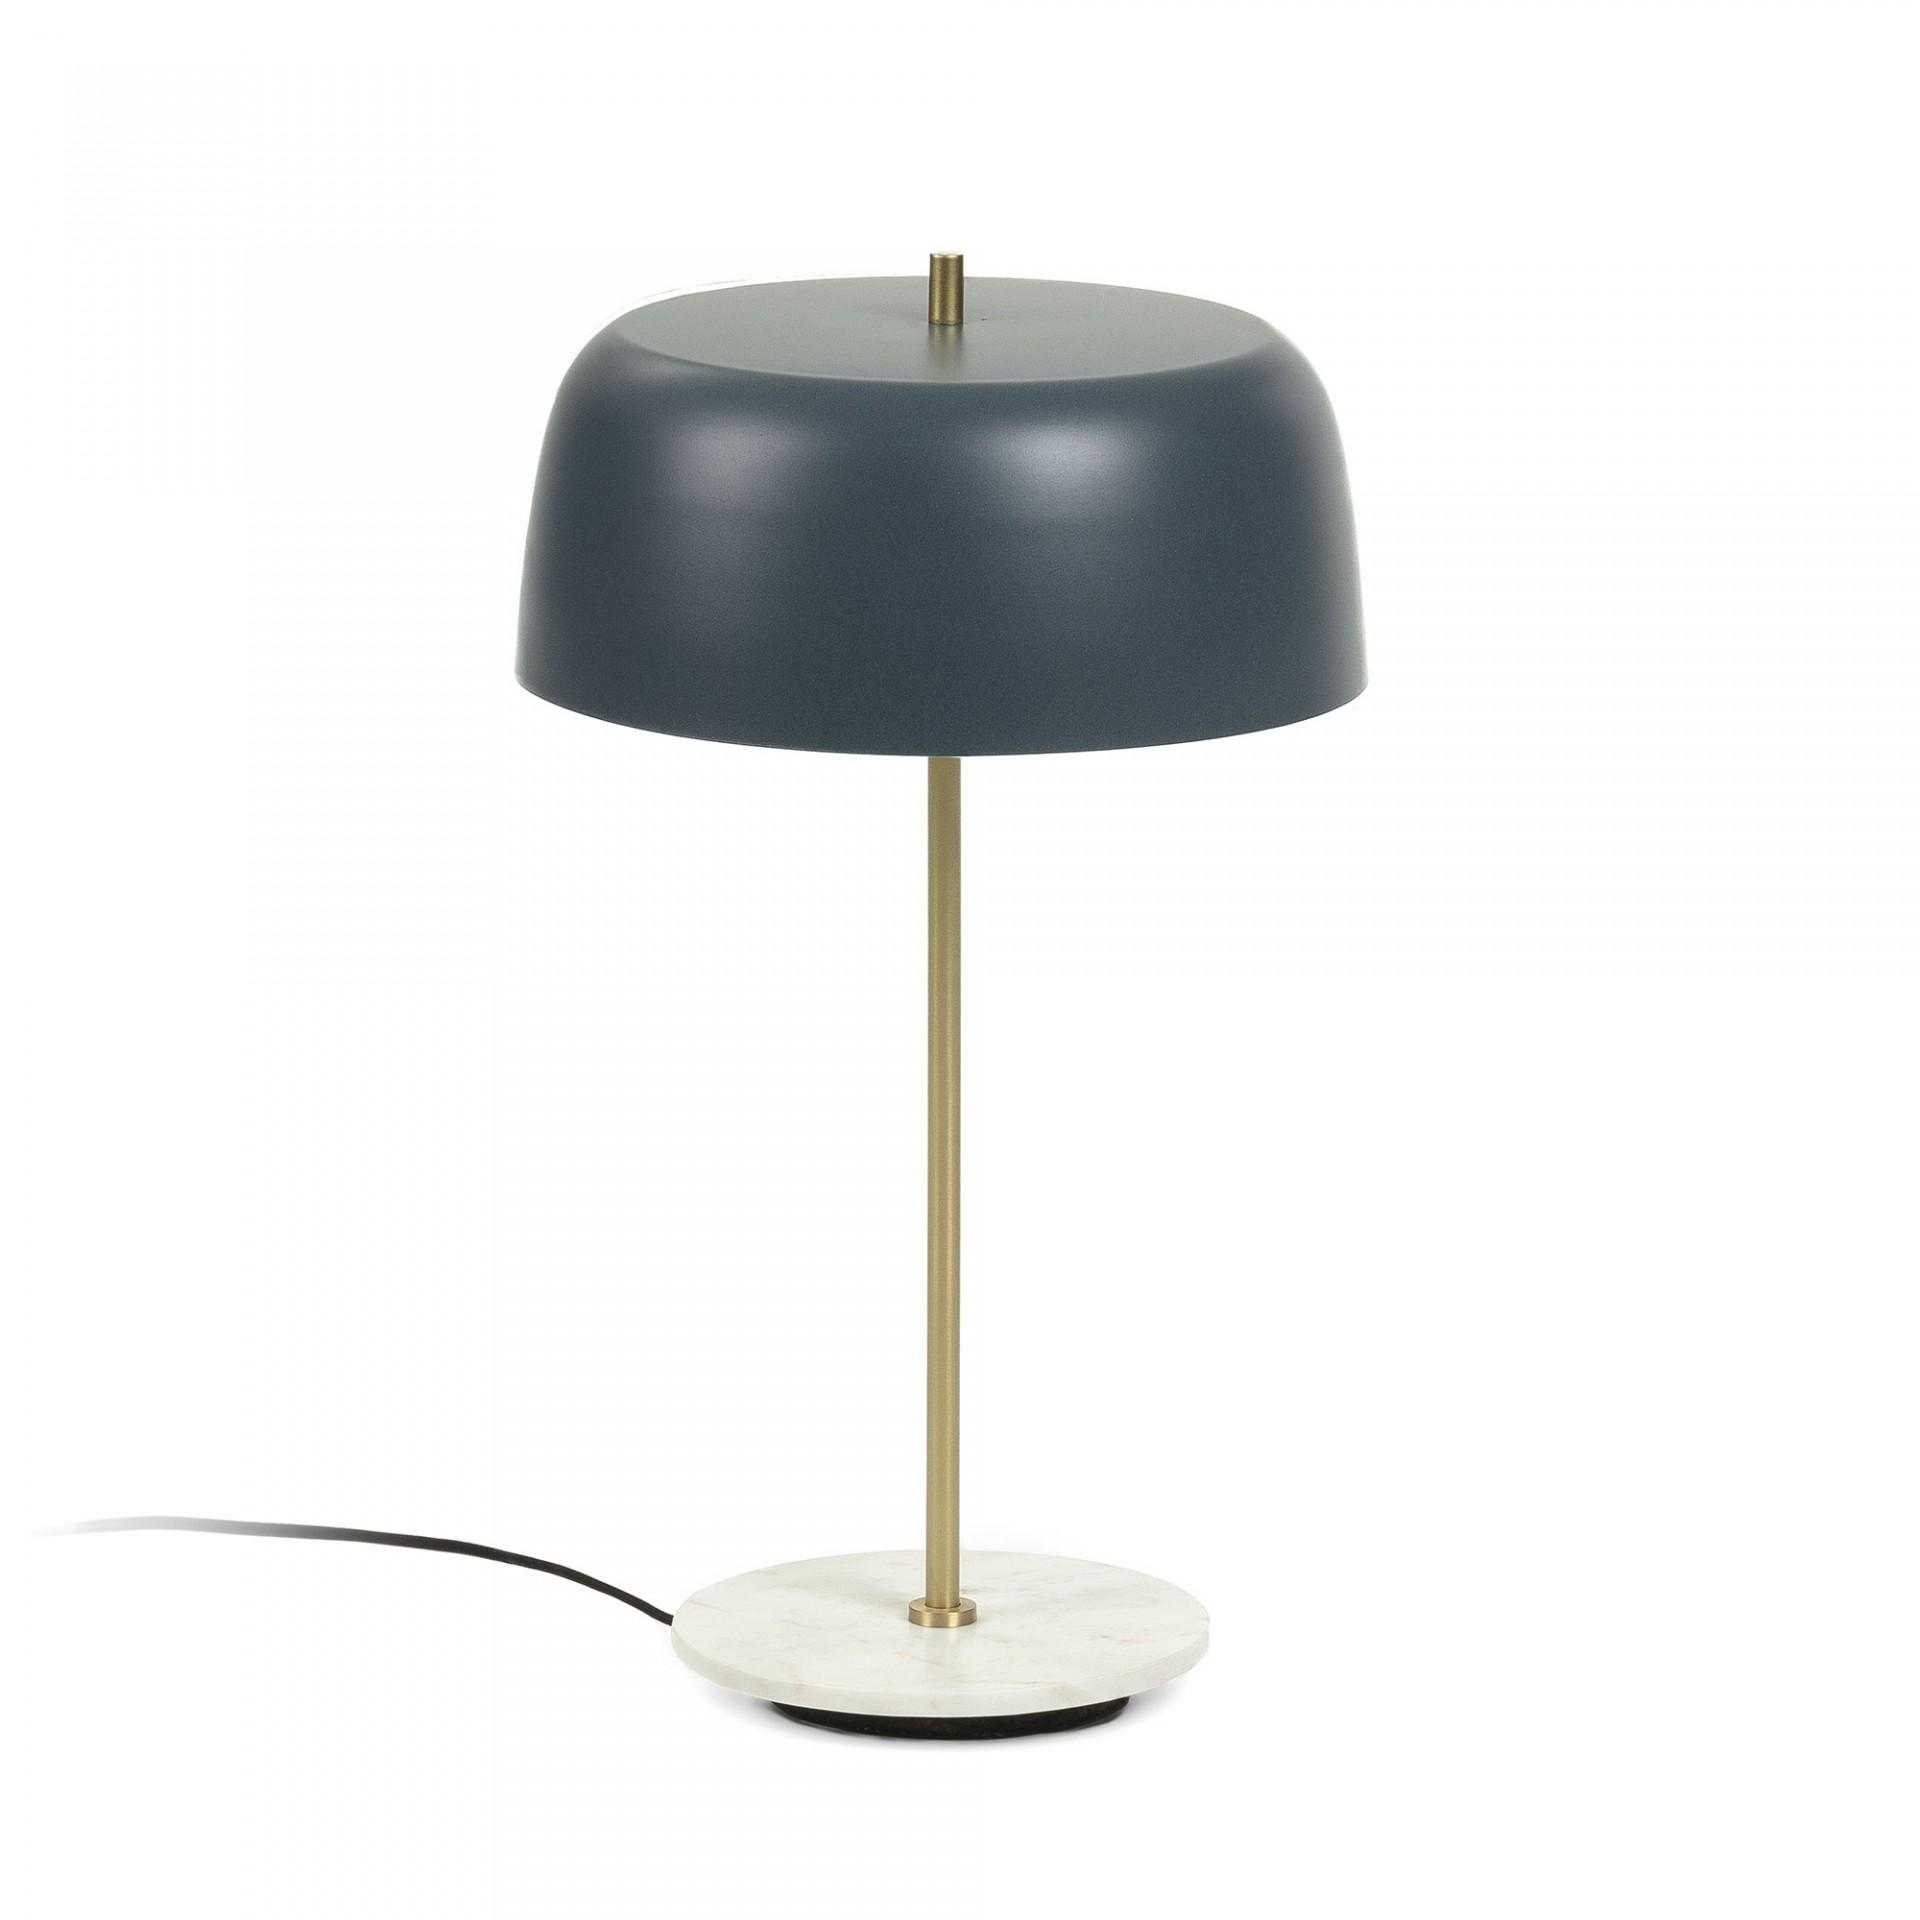 Candeeiro de mesa, metal/mármore, Ø31x53 cm